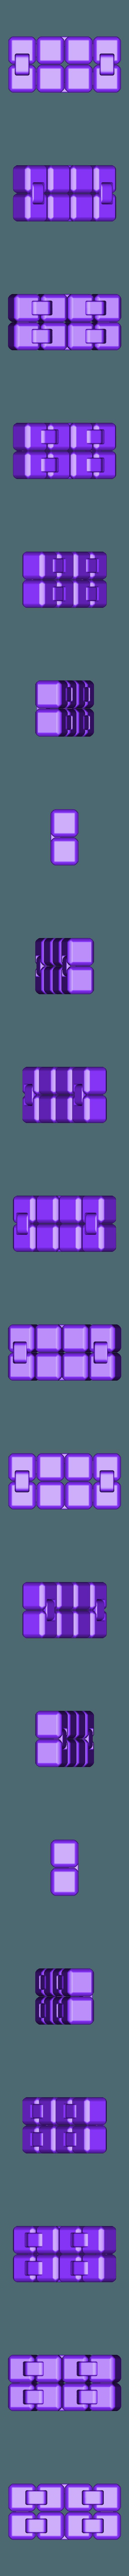 Fidget_Cube_blockGap0.2_hingeGap0.2.stl Télécharger fichier STL gratuit Fidget Cube Remix • Design à imprimer en 3D, WalterHsiao